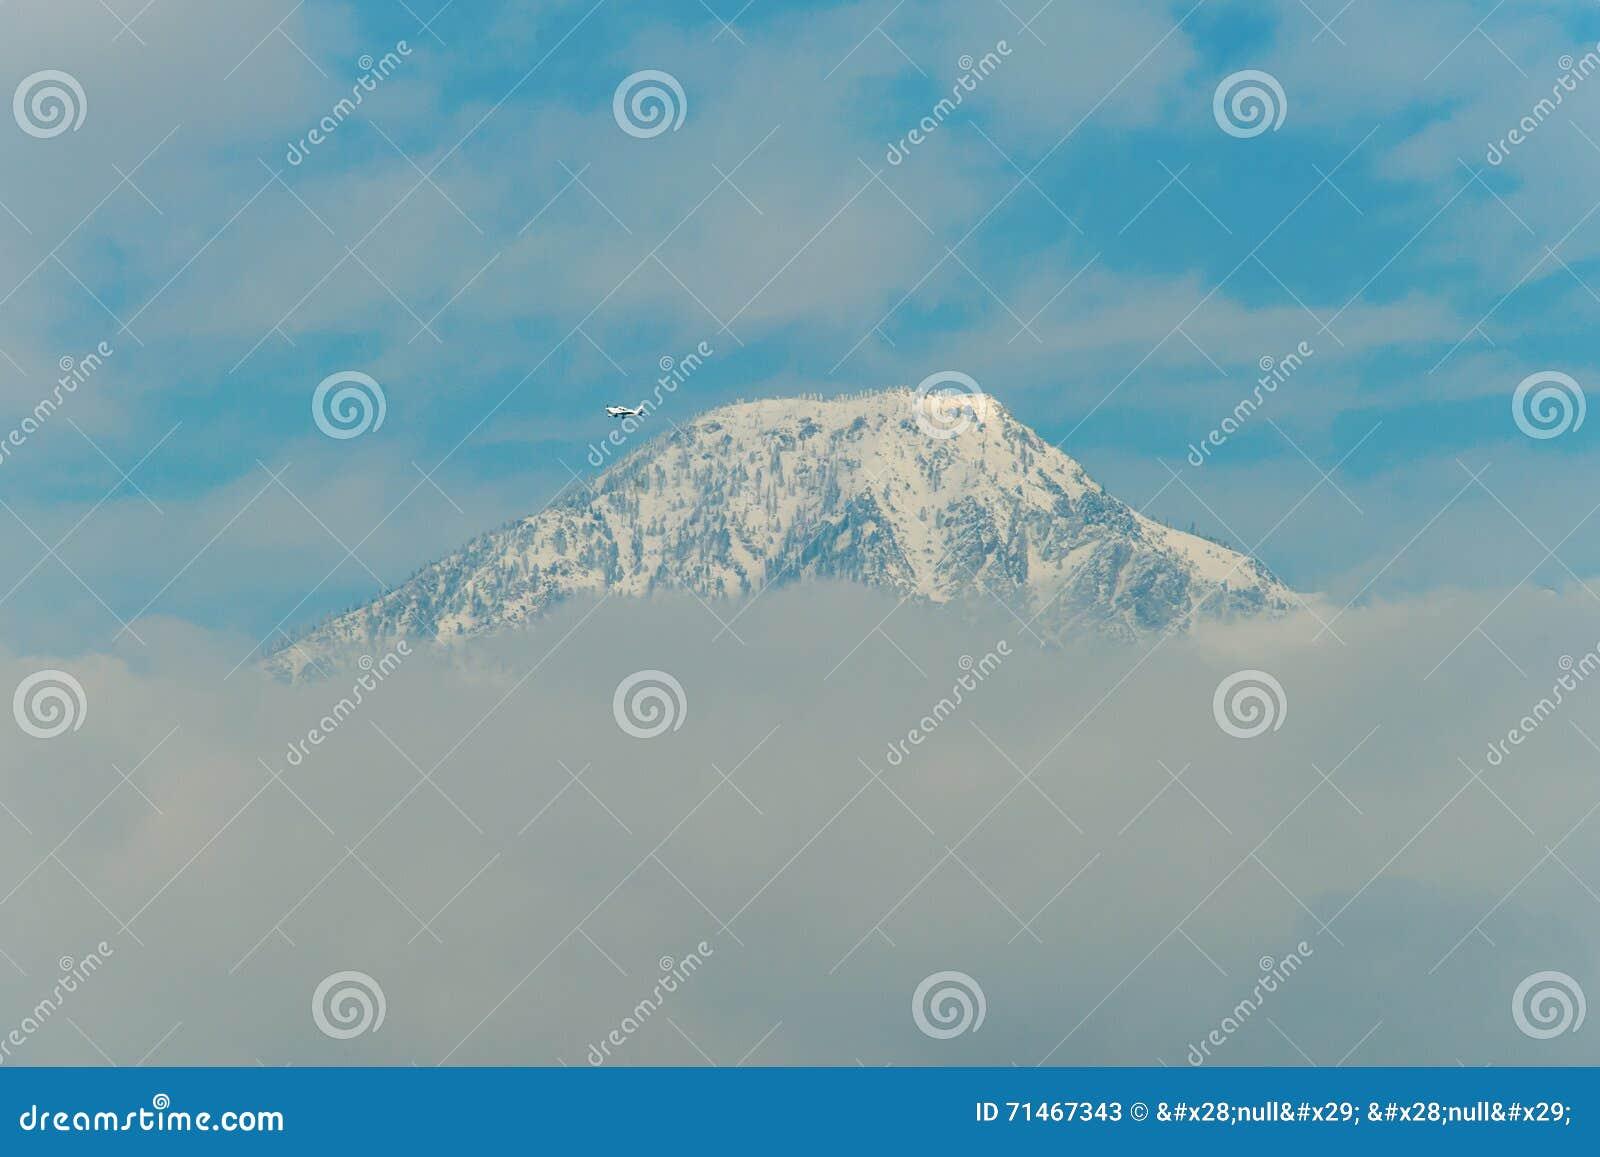 Privatflugzeug führt Mt baldy